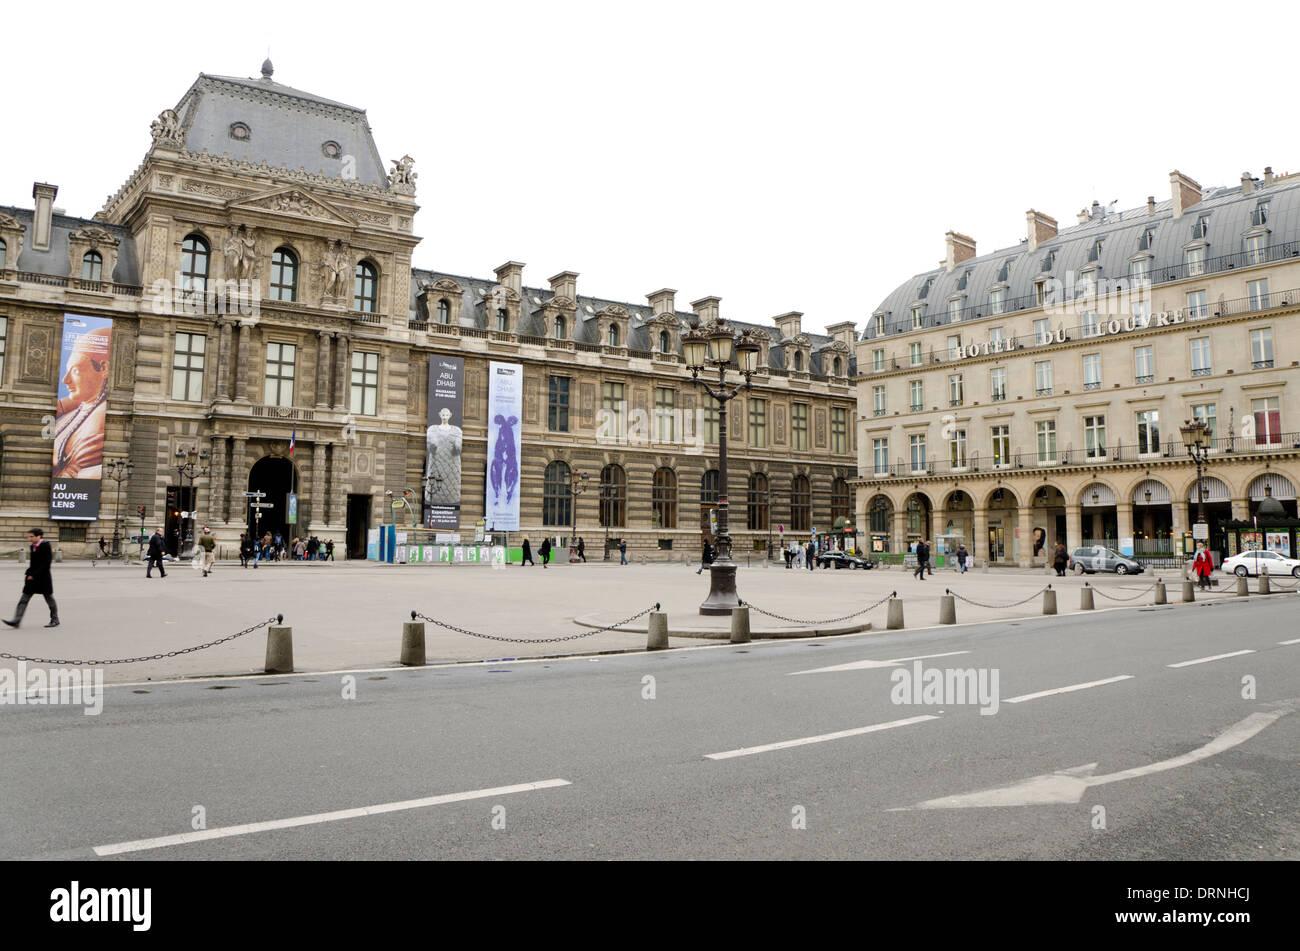 Hotel du Louvre at Palais-Royal, rue saint Honore , Paris, France. - Stock Image